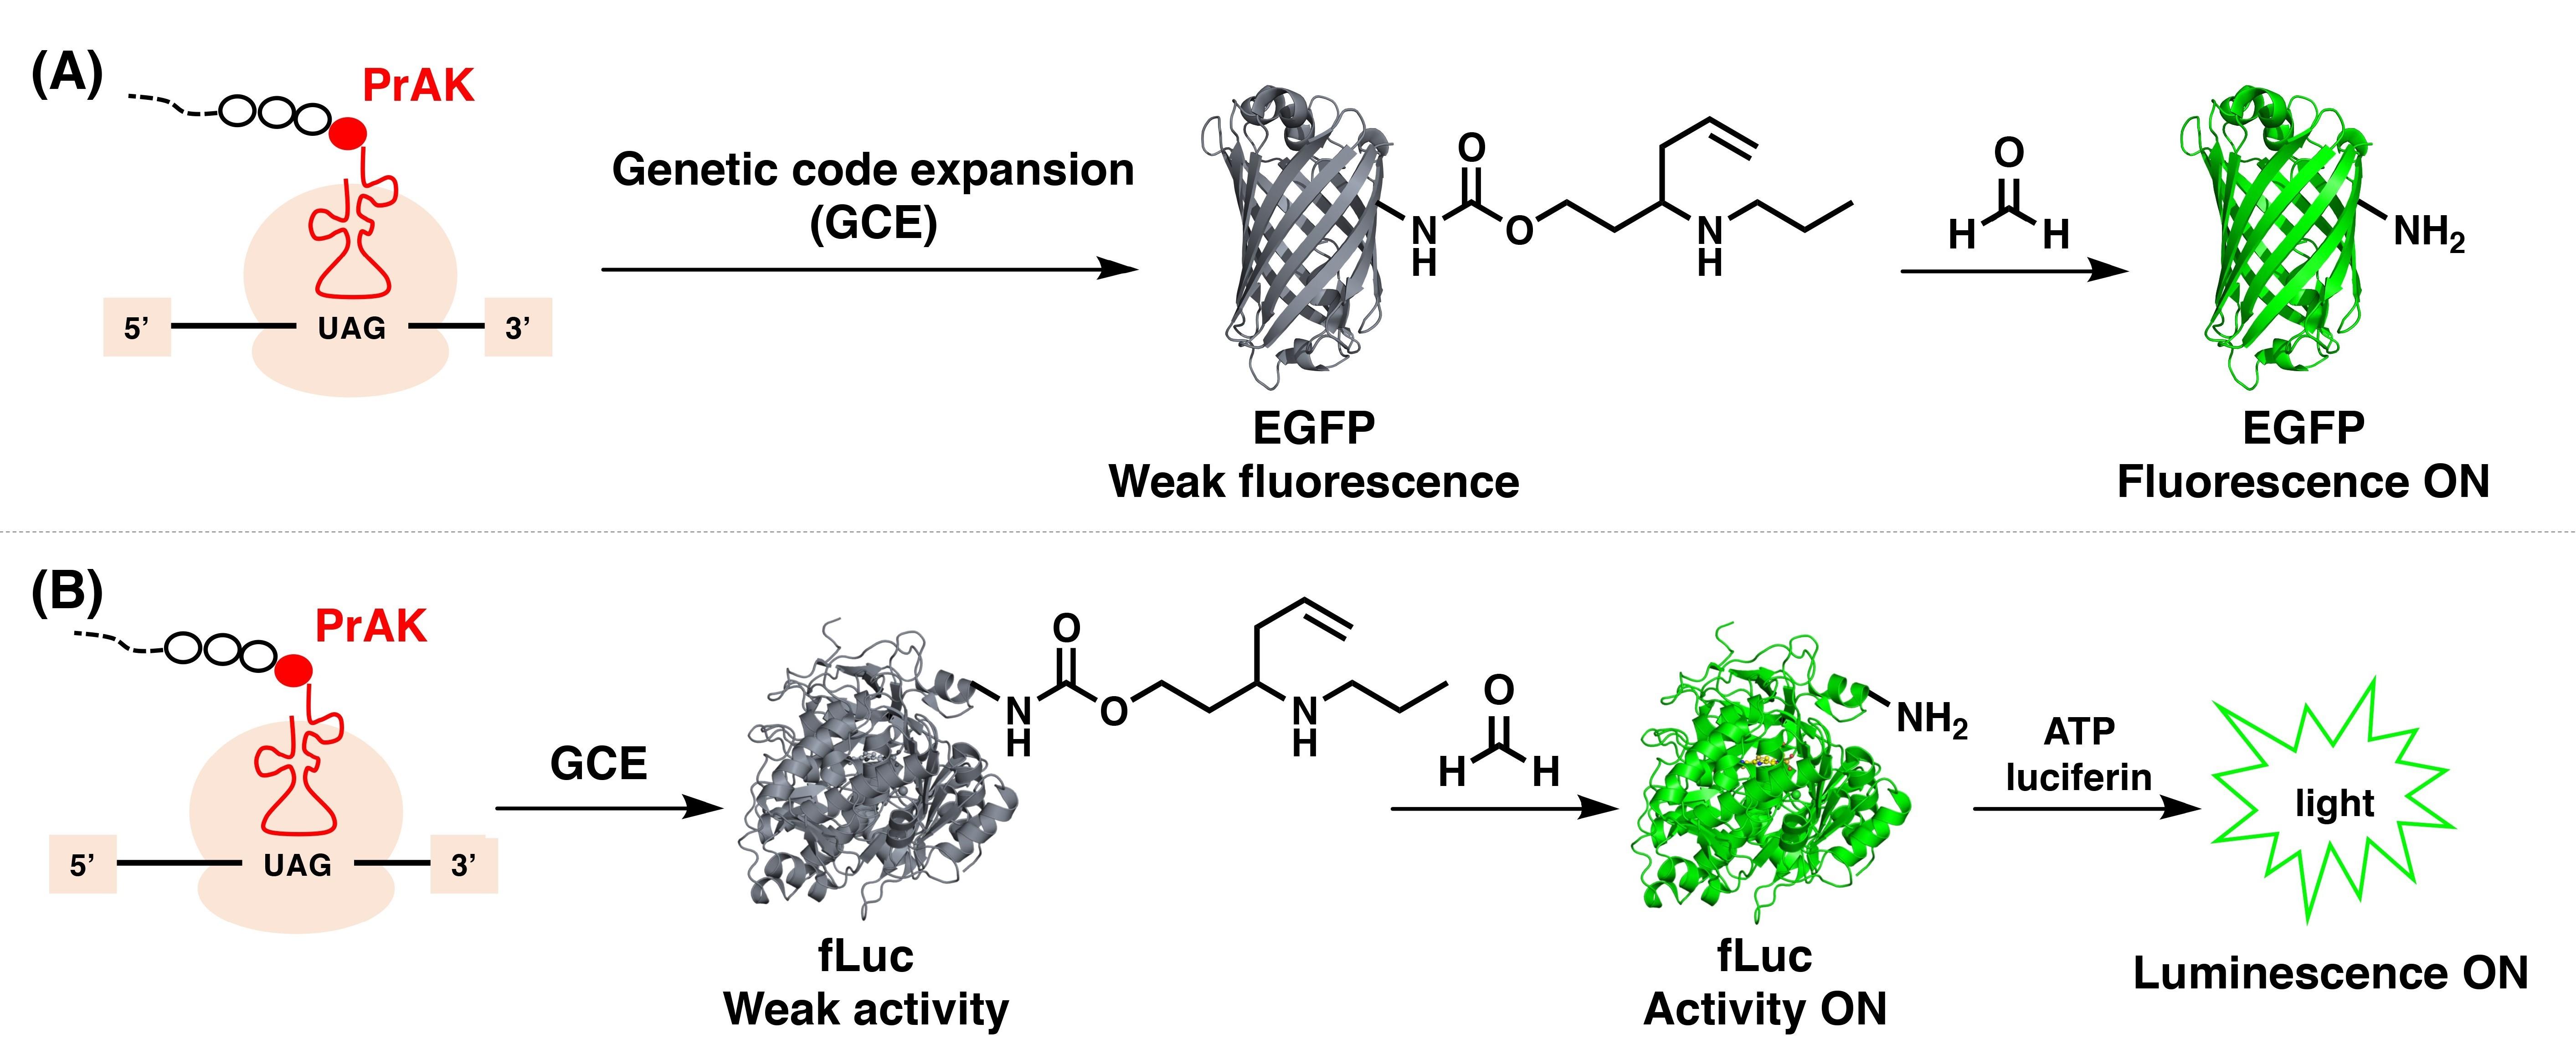 化生学院彭涛课题组开发新型基因编码的甲醛荧光探针和生物发光探针